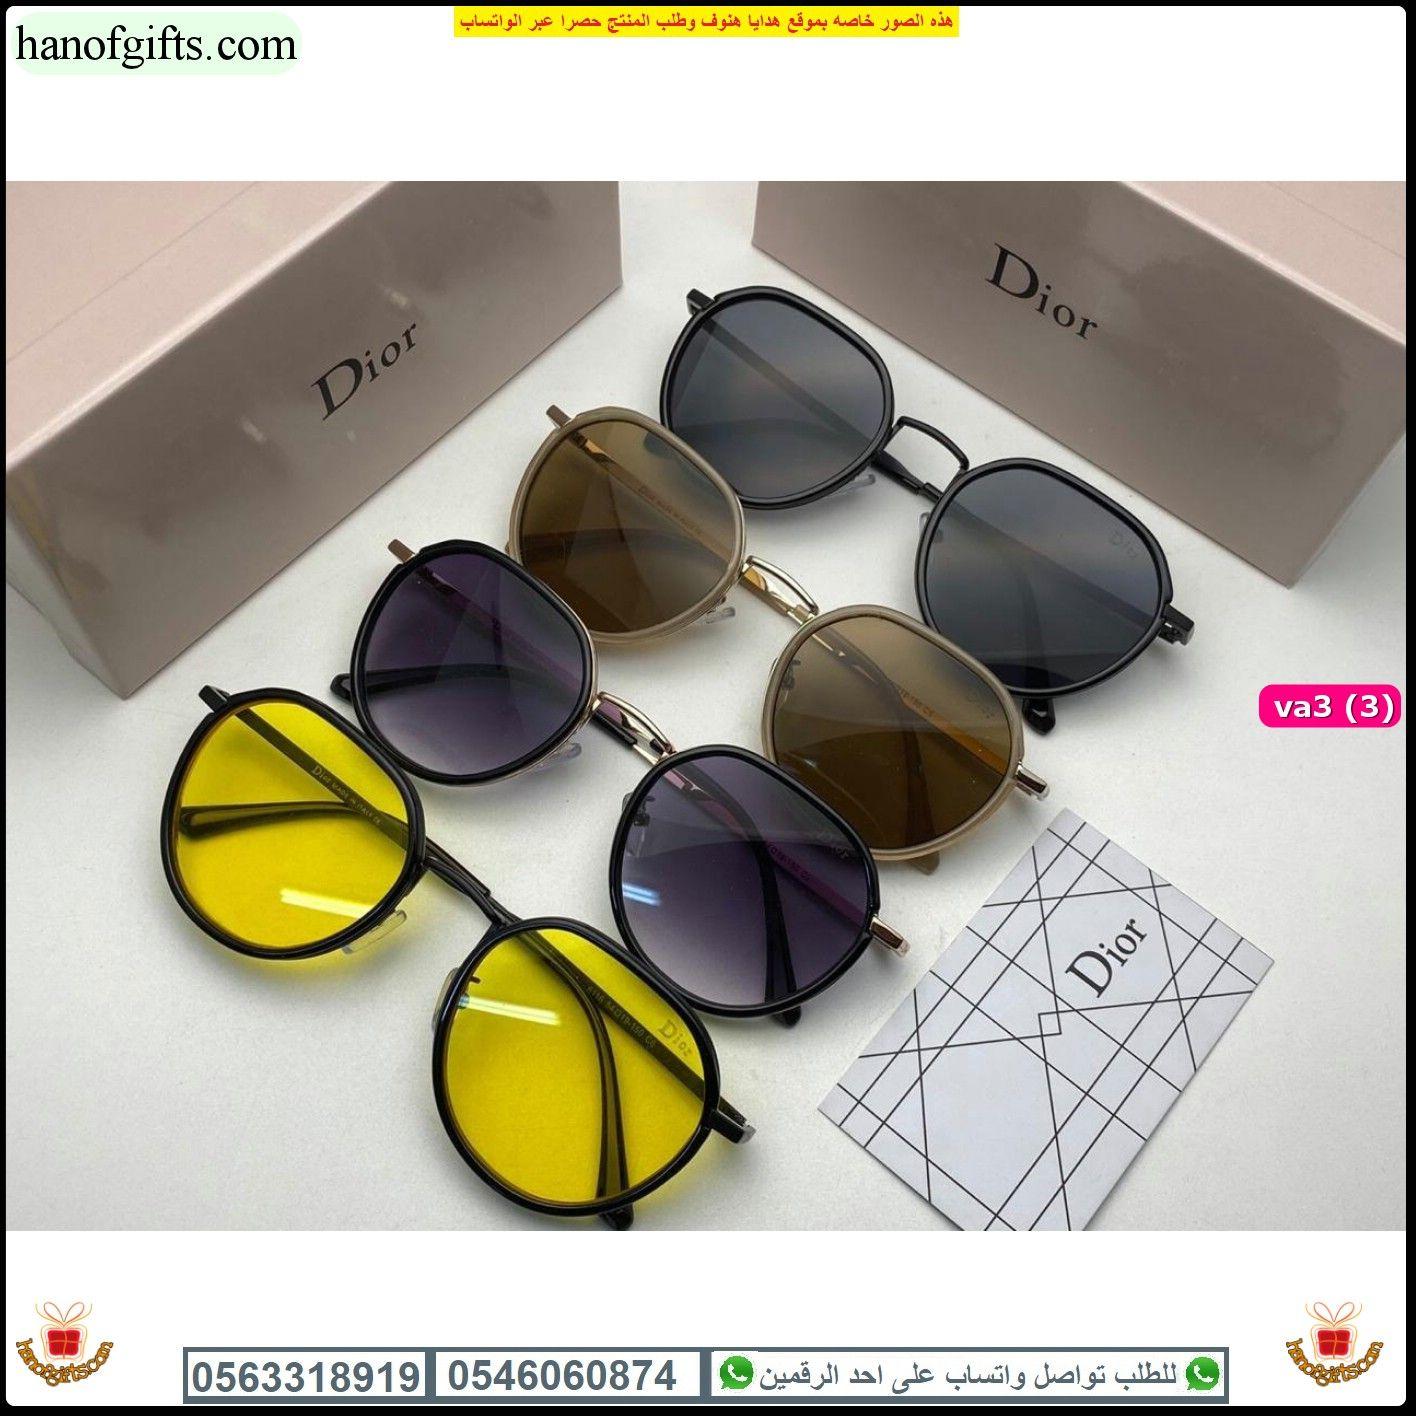 نظارات ديور رجالي Dior مع جميع ملحقات الماركه و بنفس الاسم هدايا هنوف Round Sunglasses Glasses Sunglasses